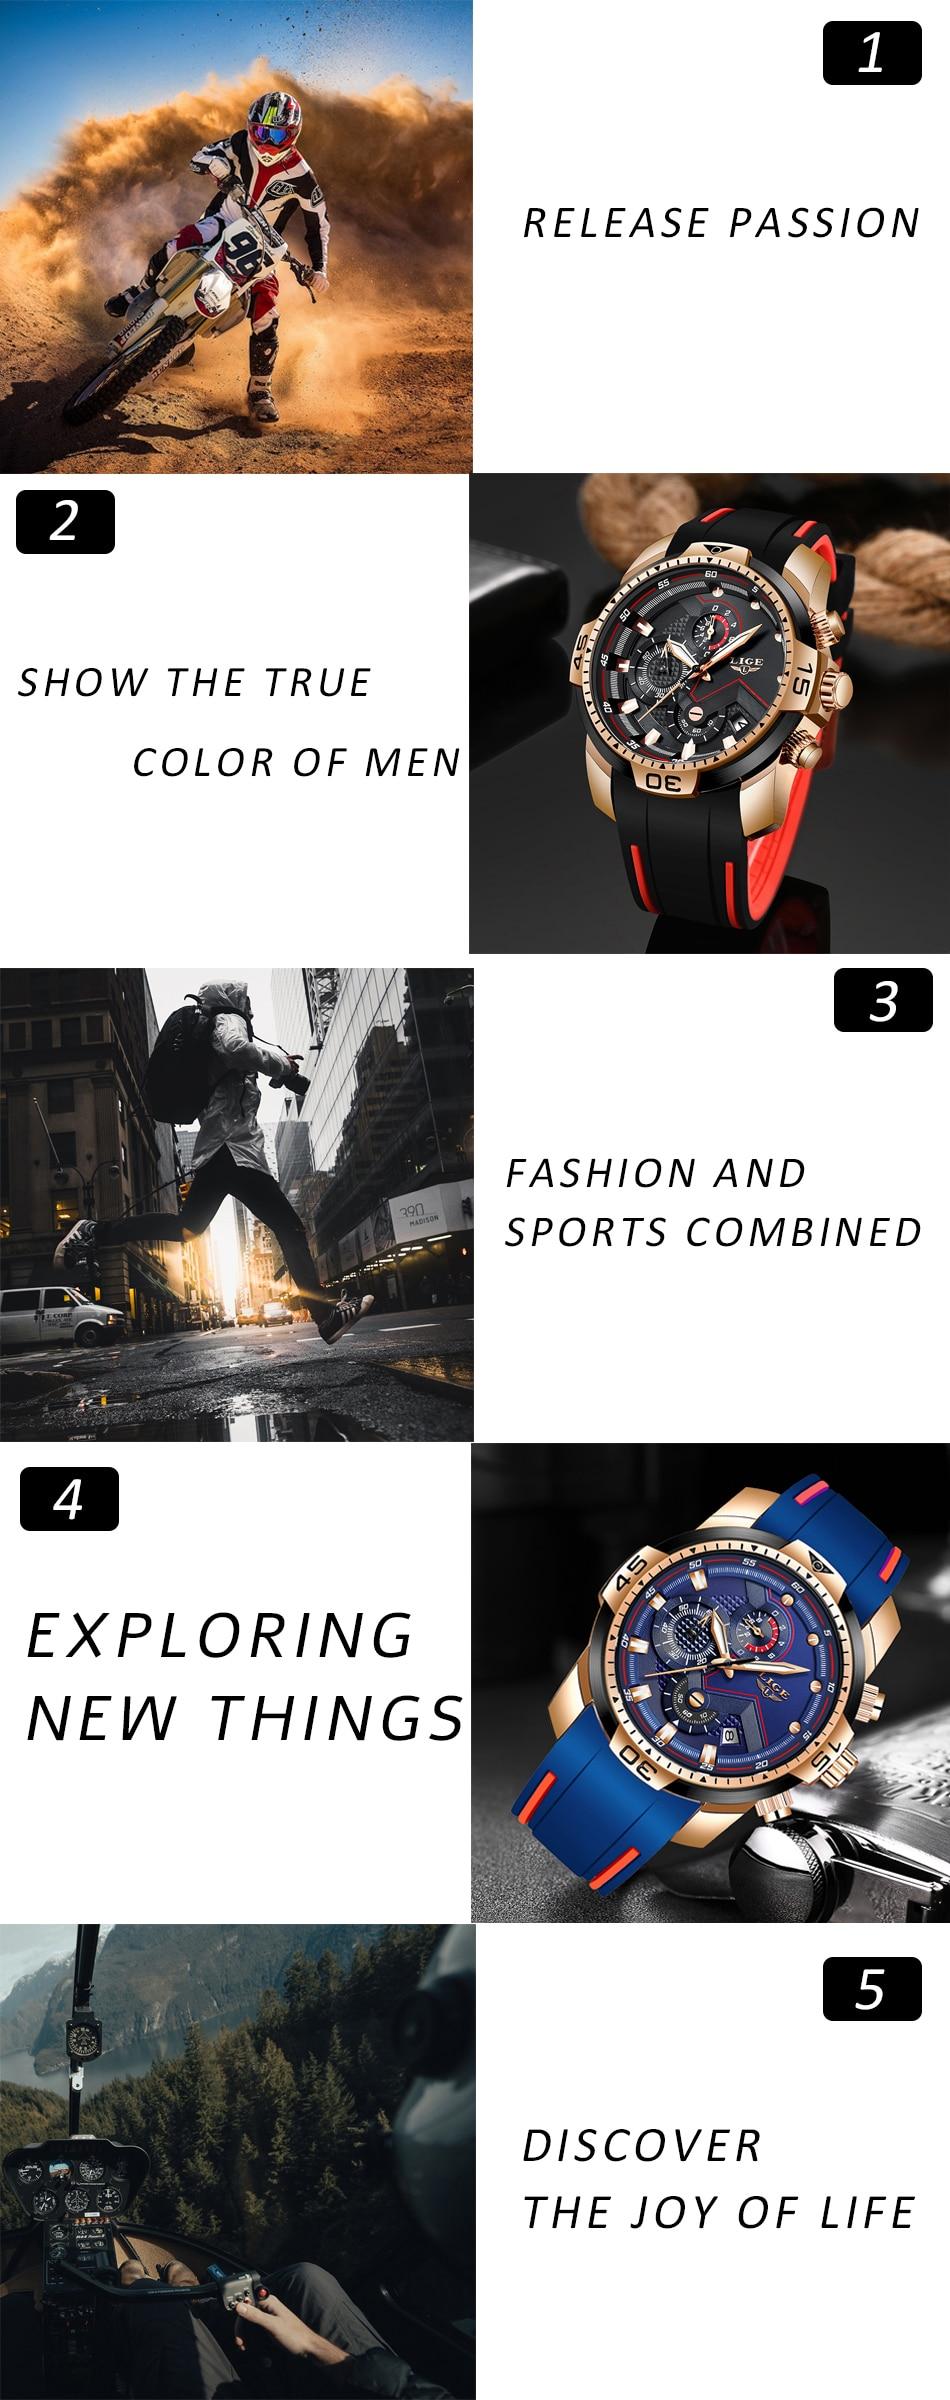 H0975281d139d4aa19e441ee3e369b916S 2020 LIGE Sport Watch Men Brand Luxury Chronograph Silicone Strap Quartz Mens Watches Waterproof Clock Relogio Masculino+Box